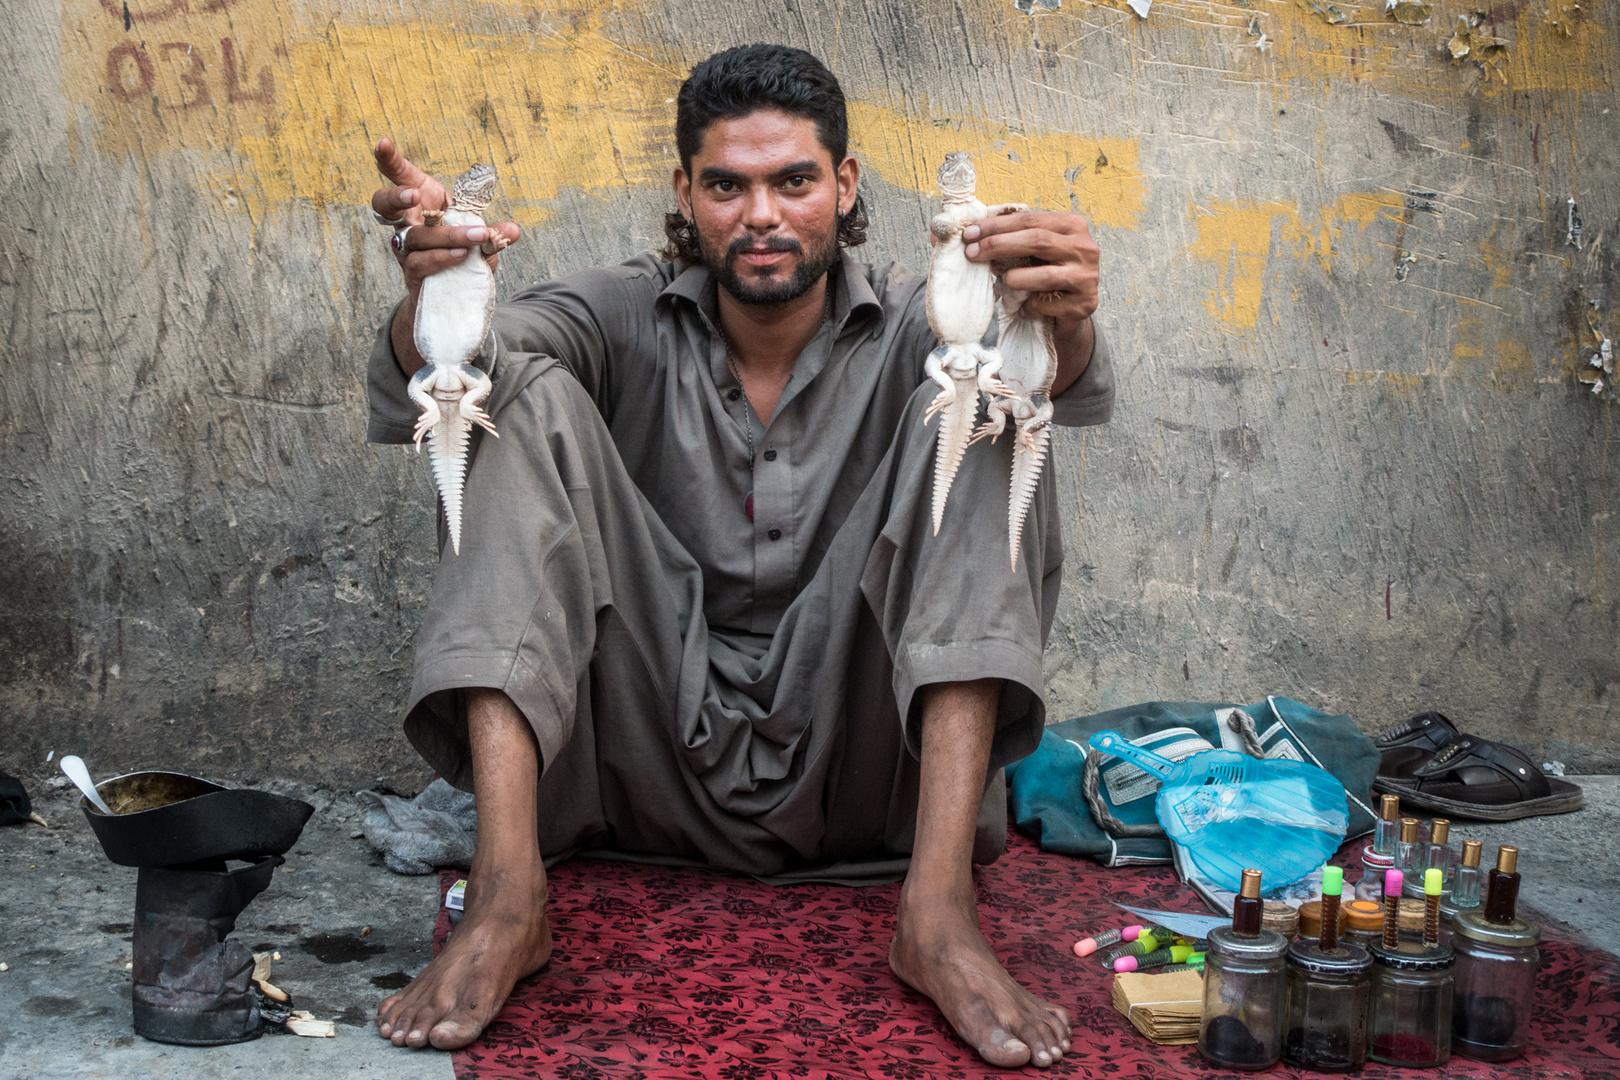 Porträts aus Pakistan: Händler im Basar von Rawalpindi